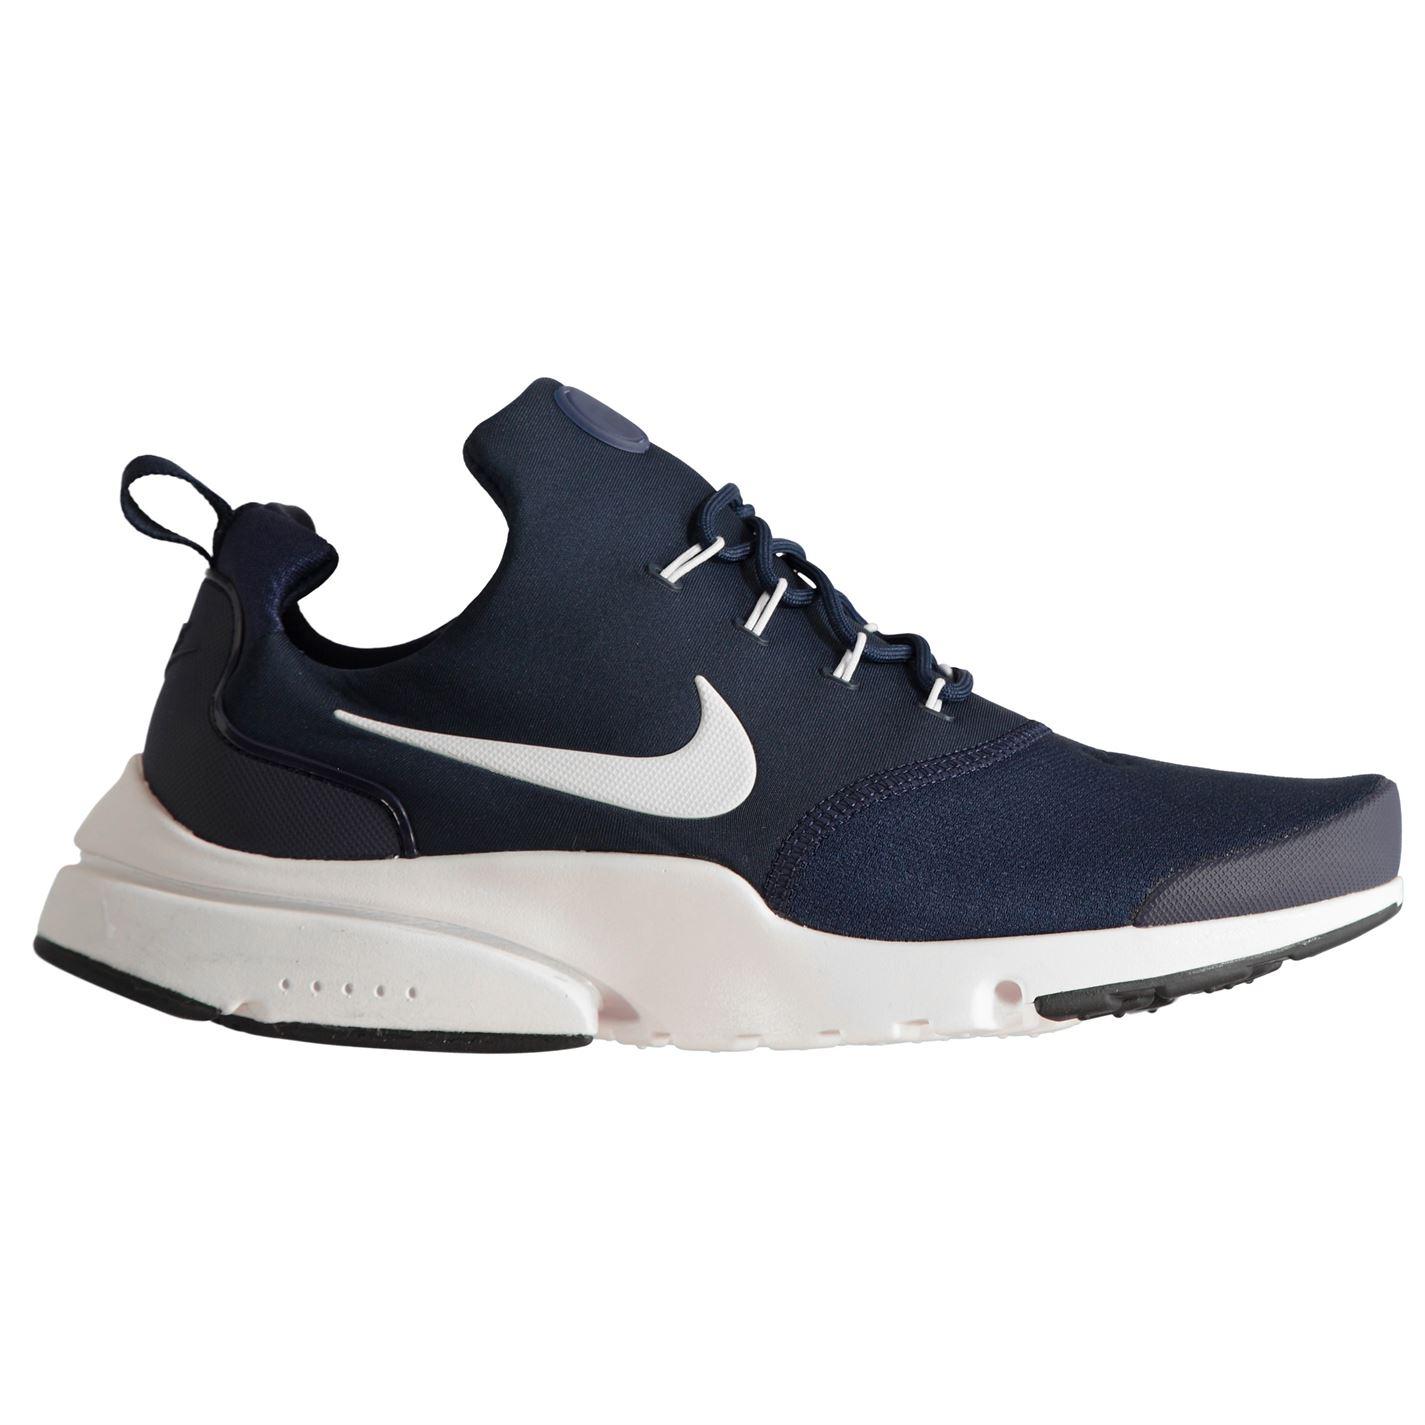 Nike Presto Fly pánské tenisky